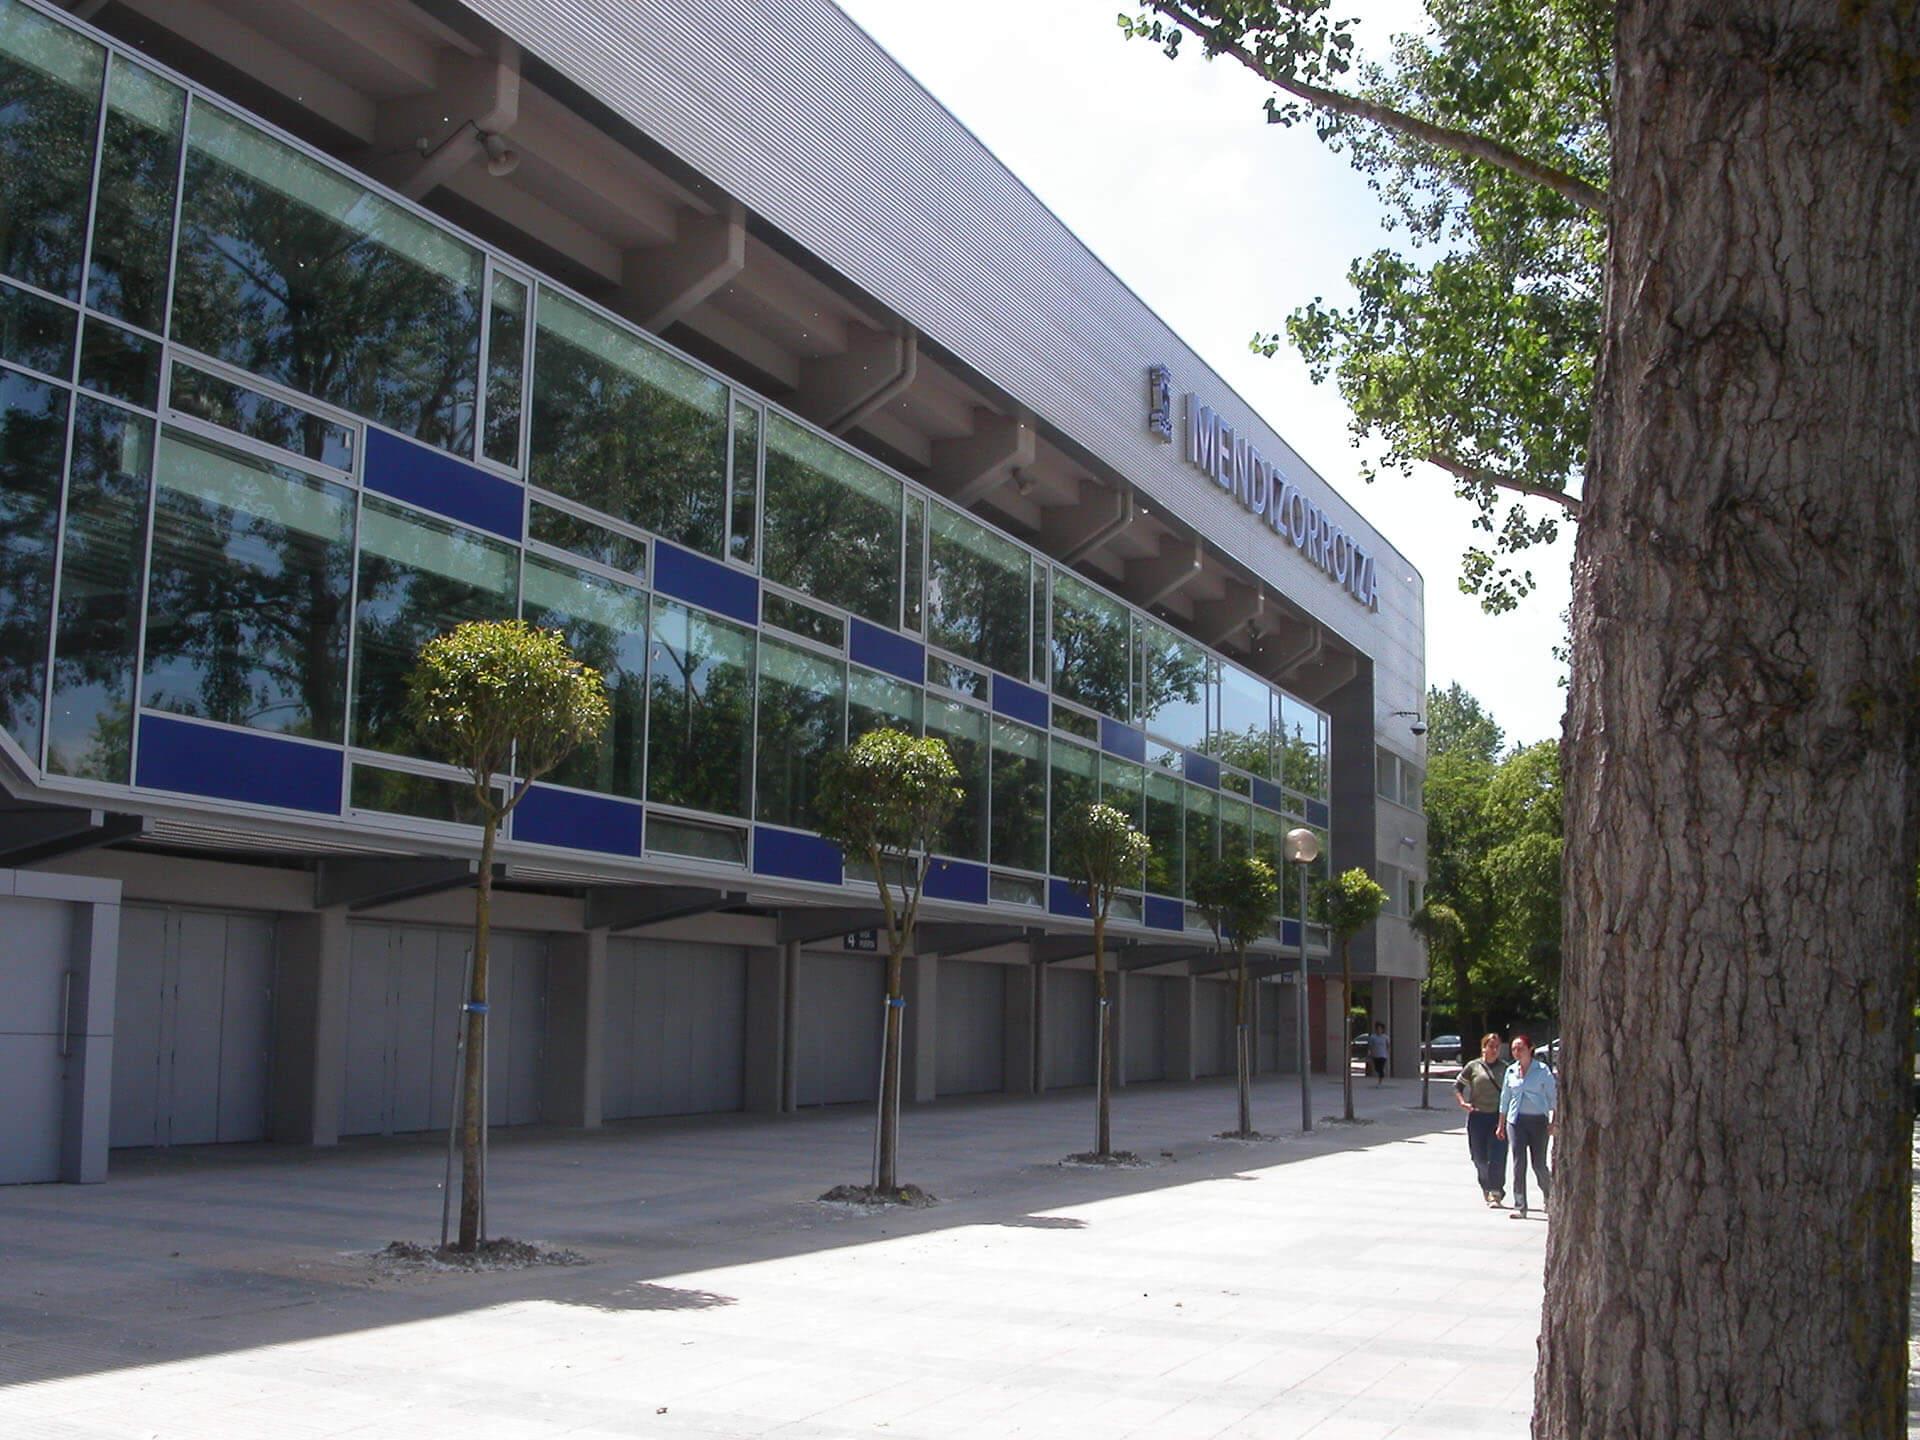 Estadio Mendizorroa